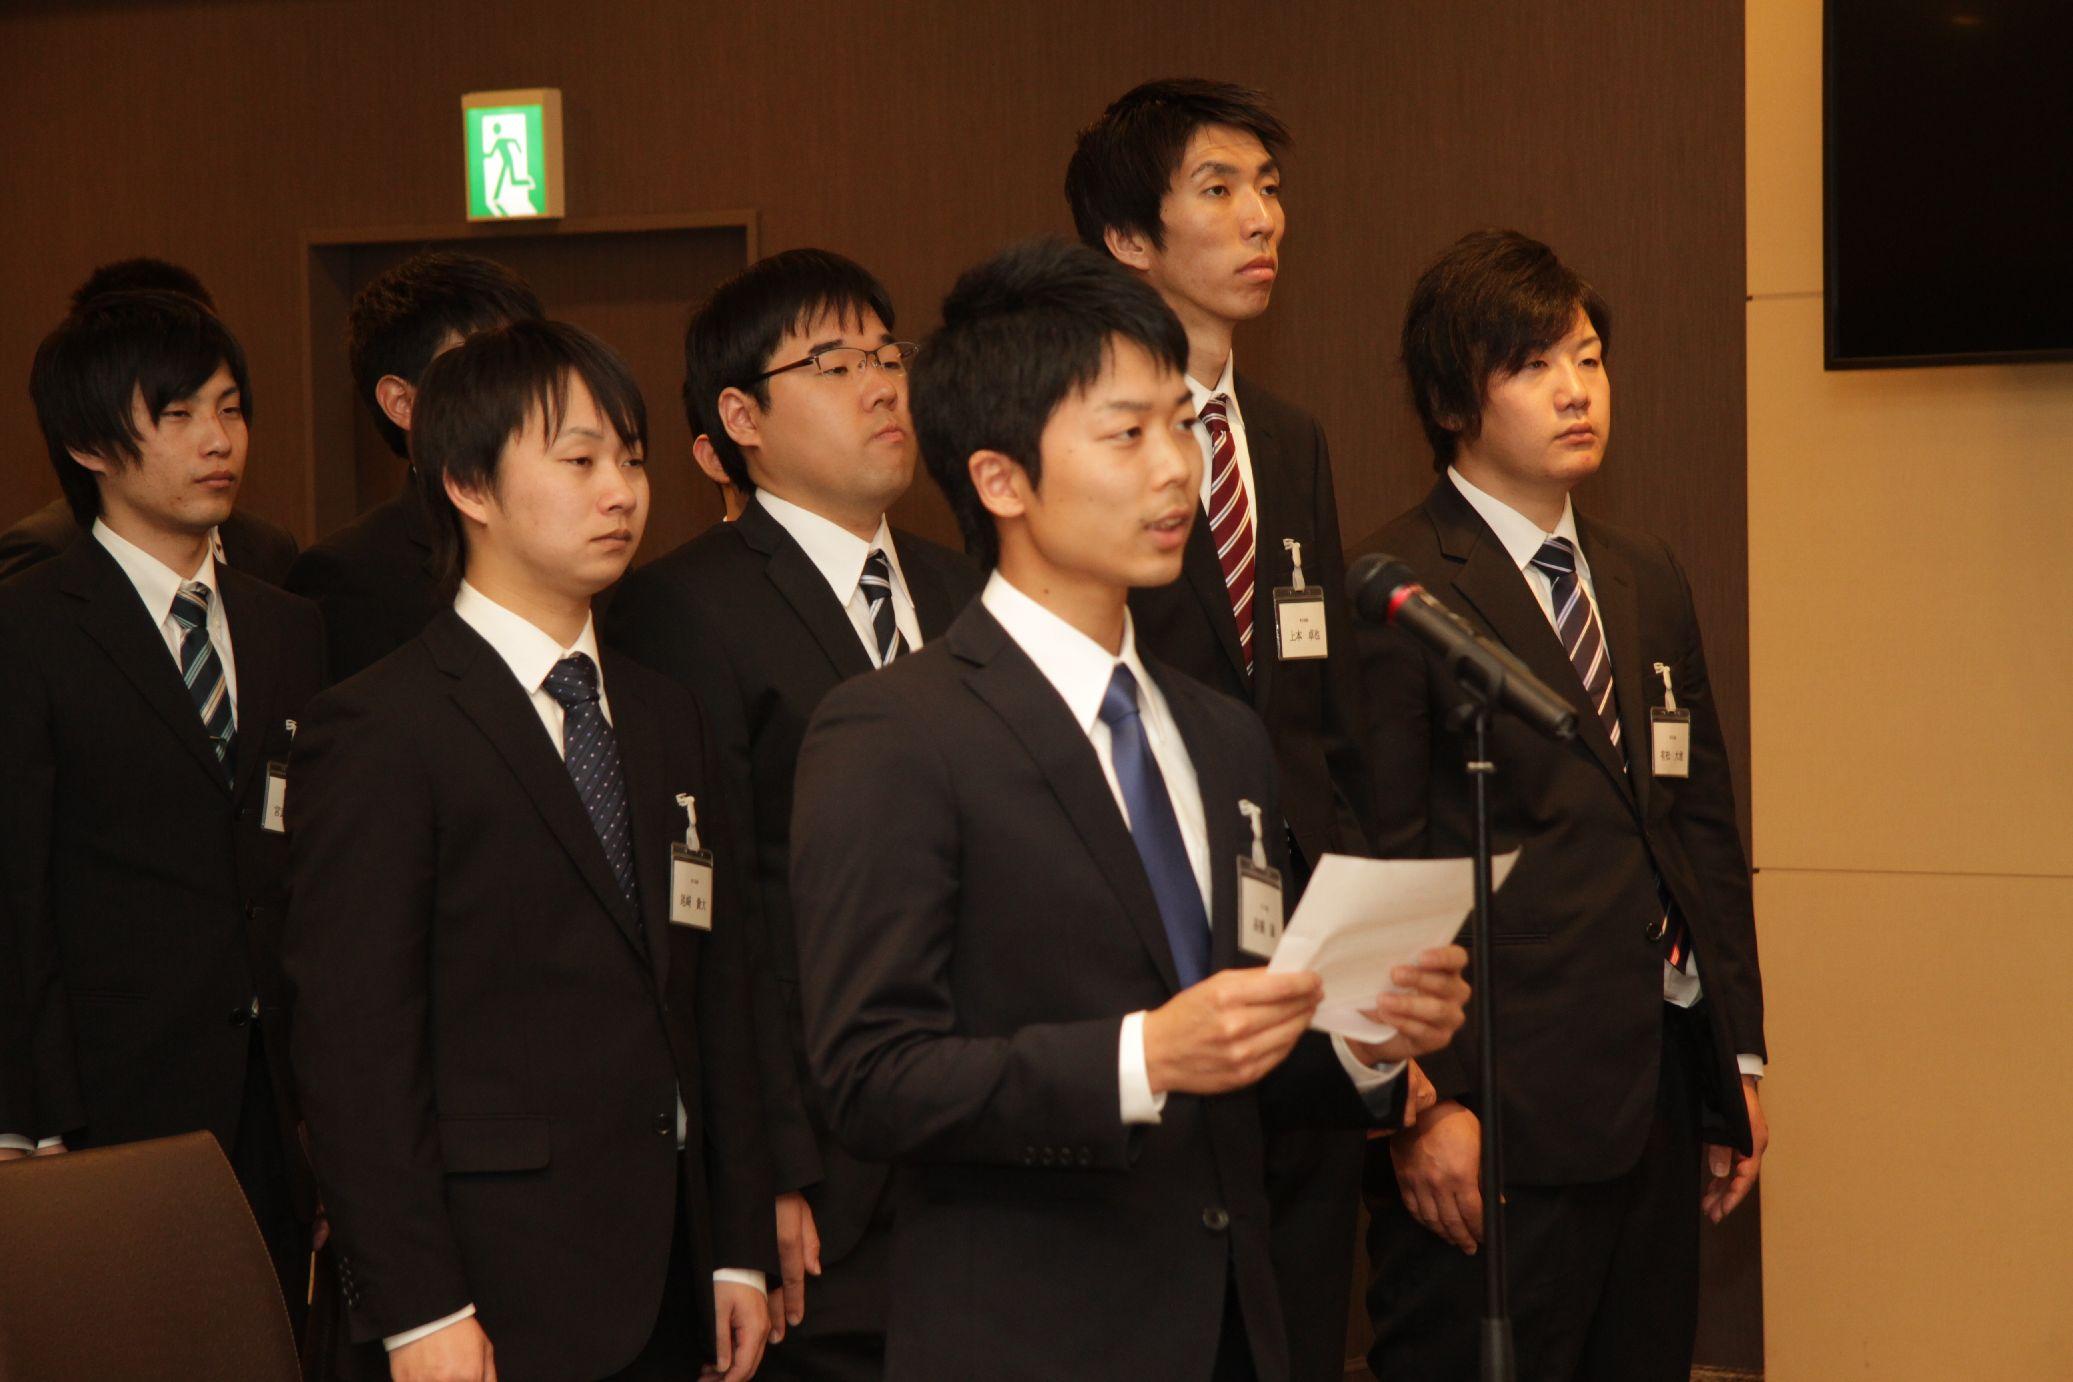 新入社員代表、常石造船の高橋誠さん答辞